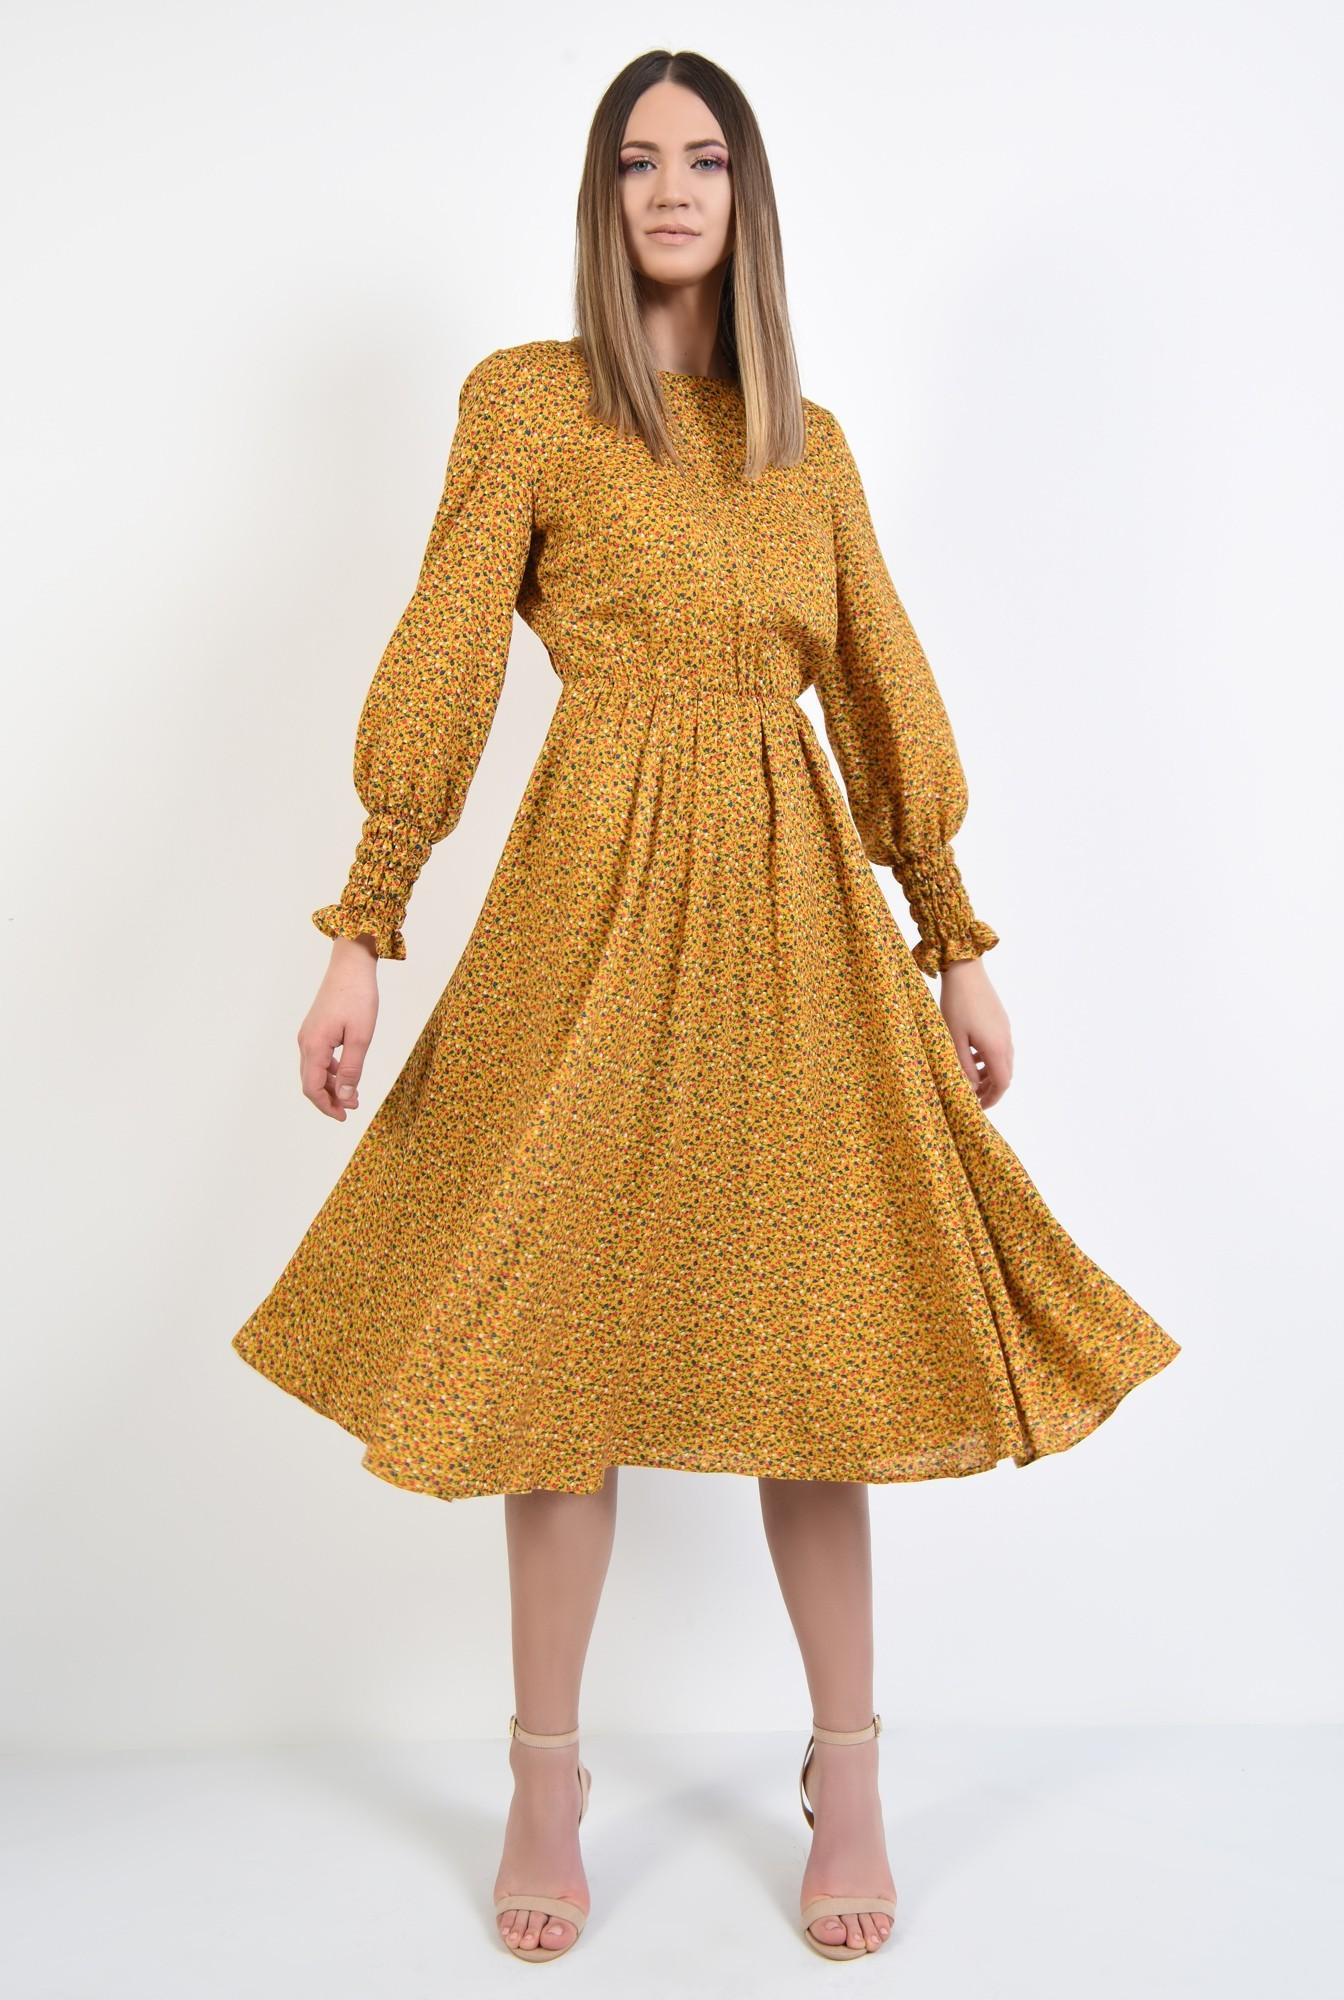 3 - rochie midi, din viscoza, cu imprimeu, maneci lungi cu mansete, croi clos